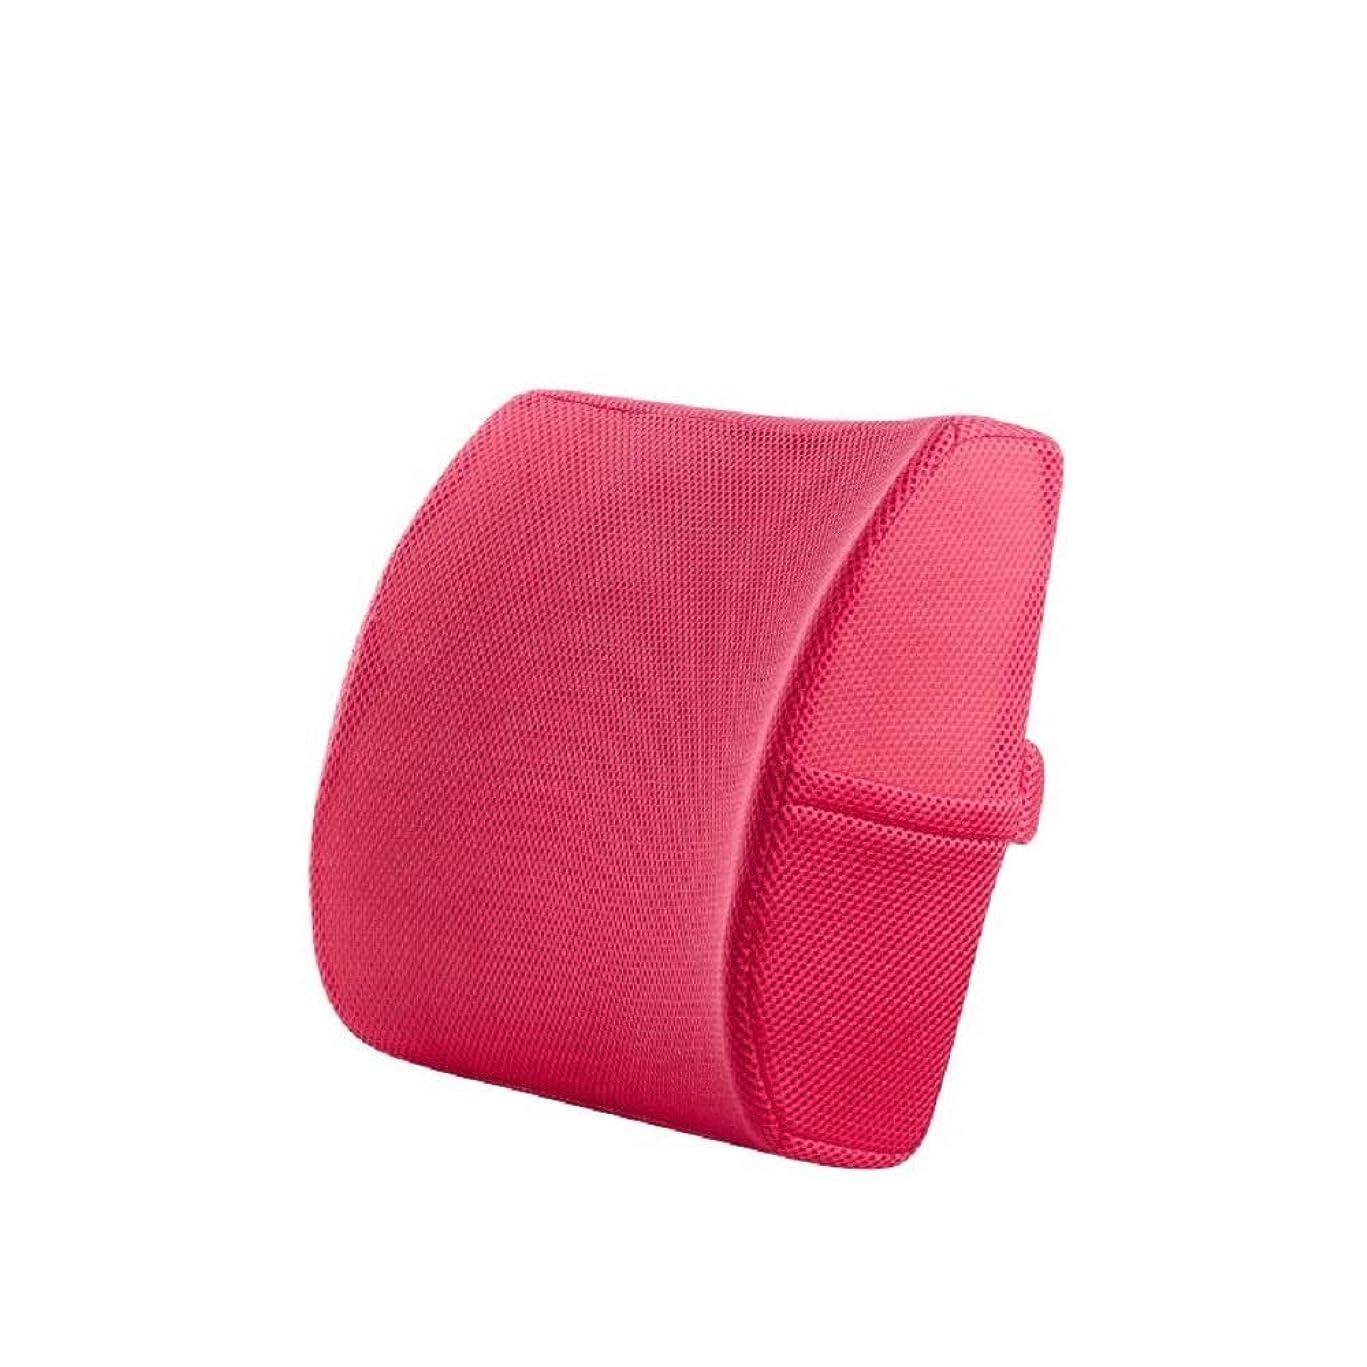 飼いならす誰でも耕す腰まくら 多目的腰椎サポートメモリ腰椎枕腰痛サポート背中の保護と鎮静柔らかくしっかりとしたバランスのとれた枕で姿勢を改善 (色 : ピンク, サイズ : Free size)